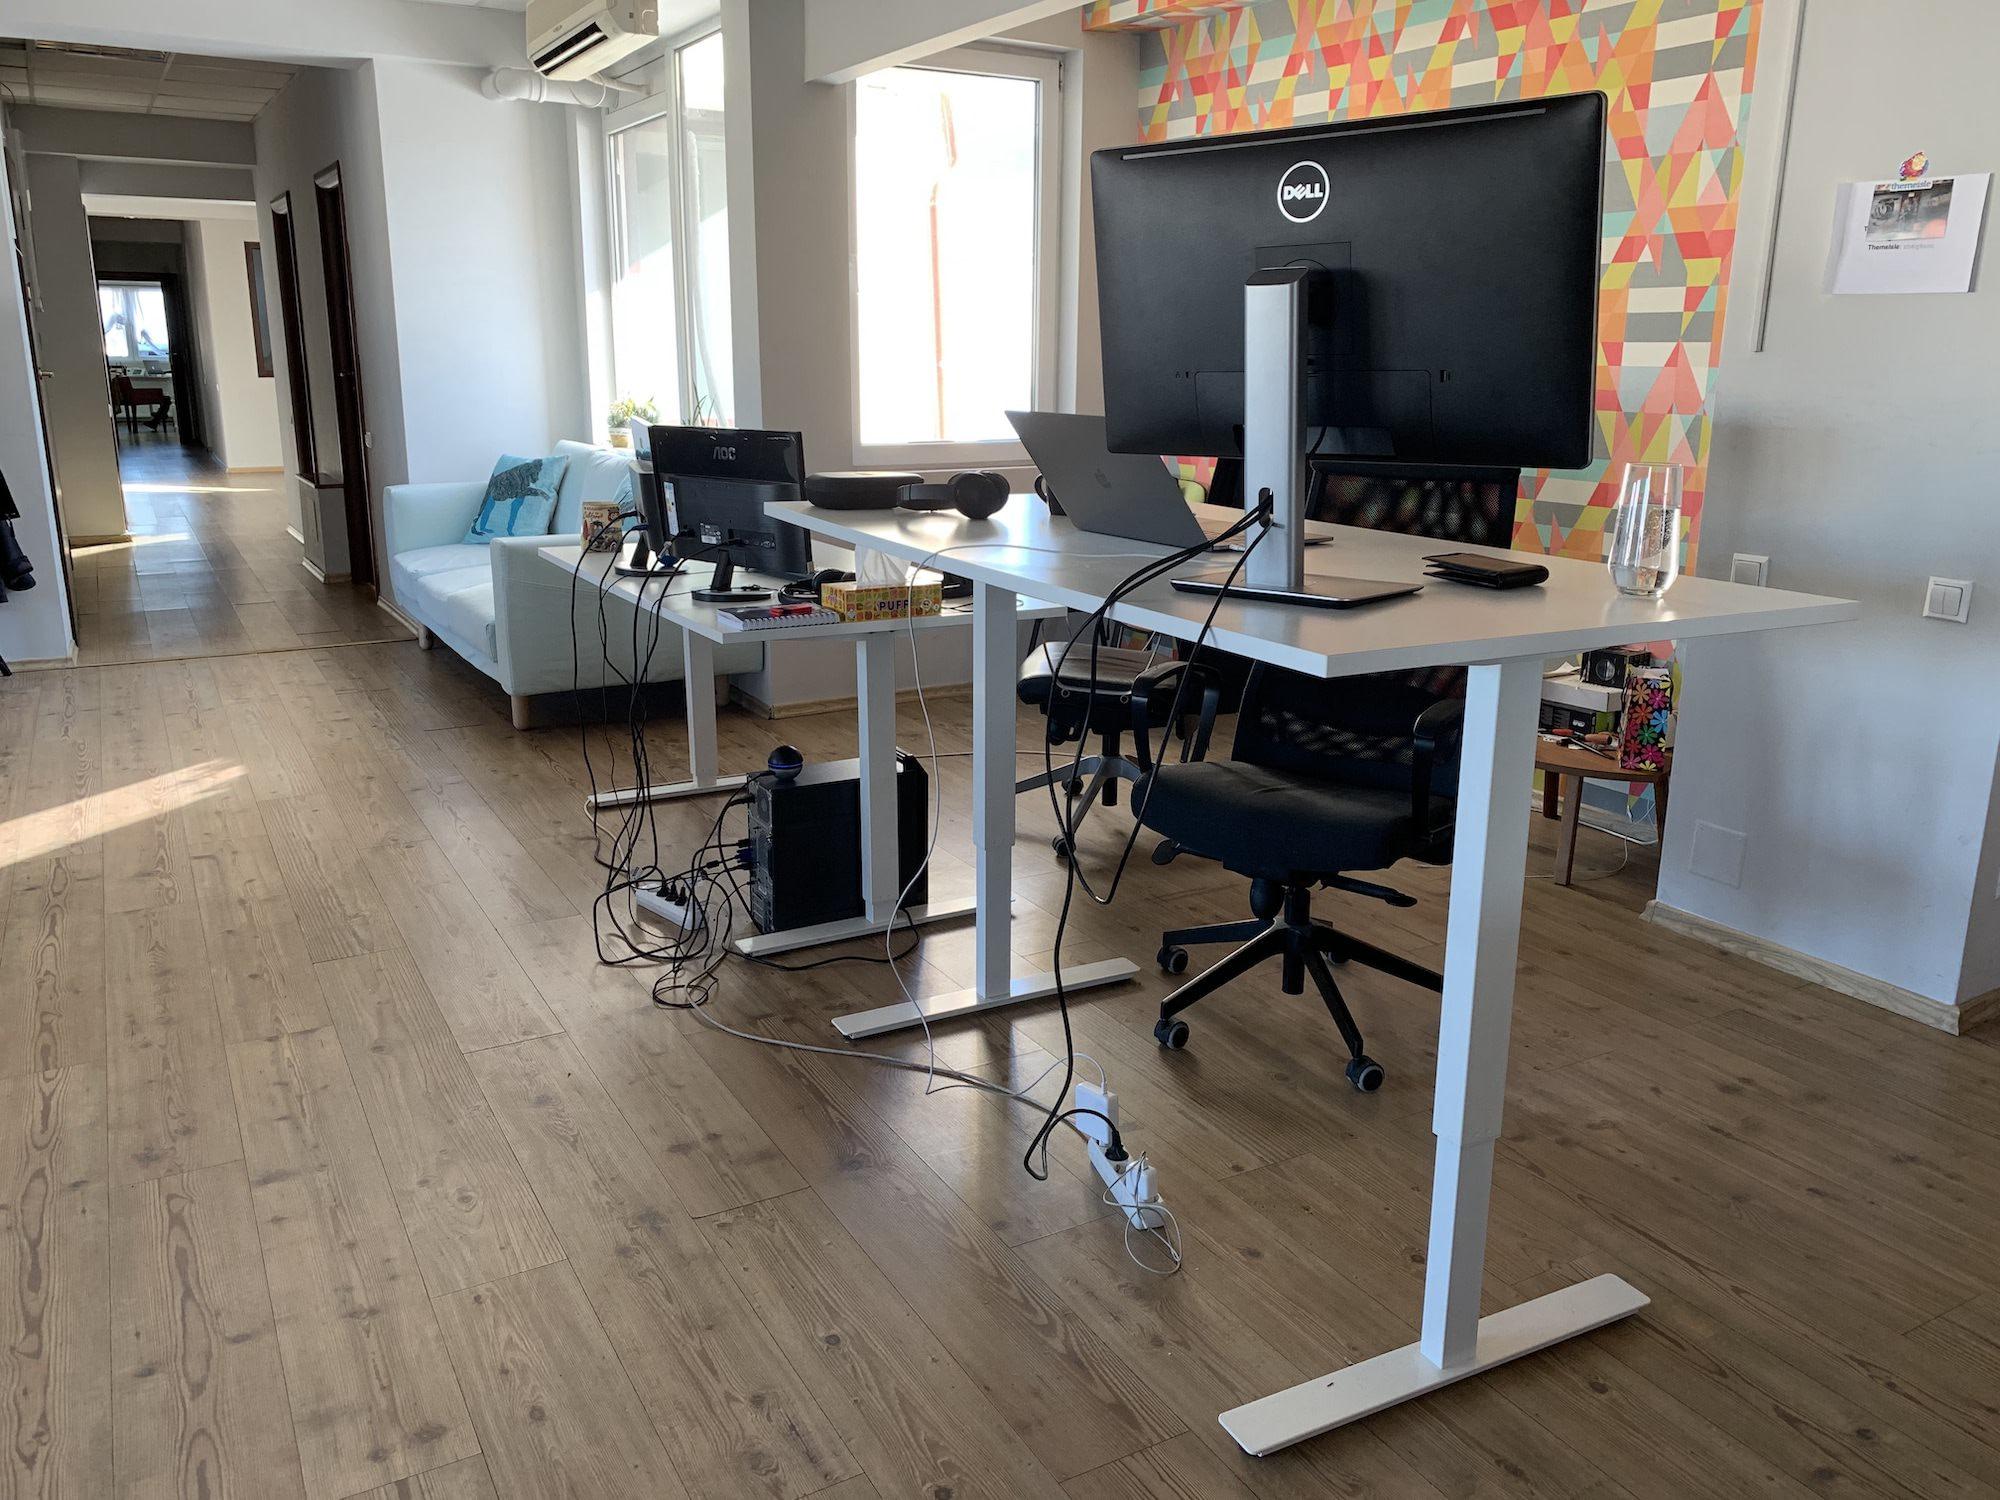 standing desks 1